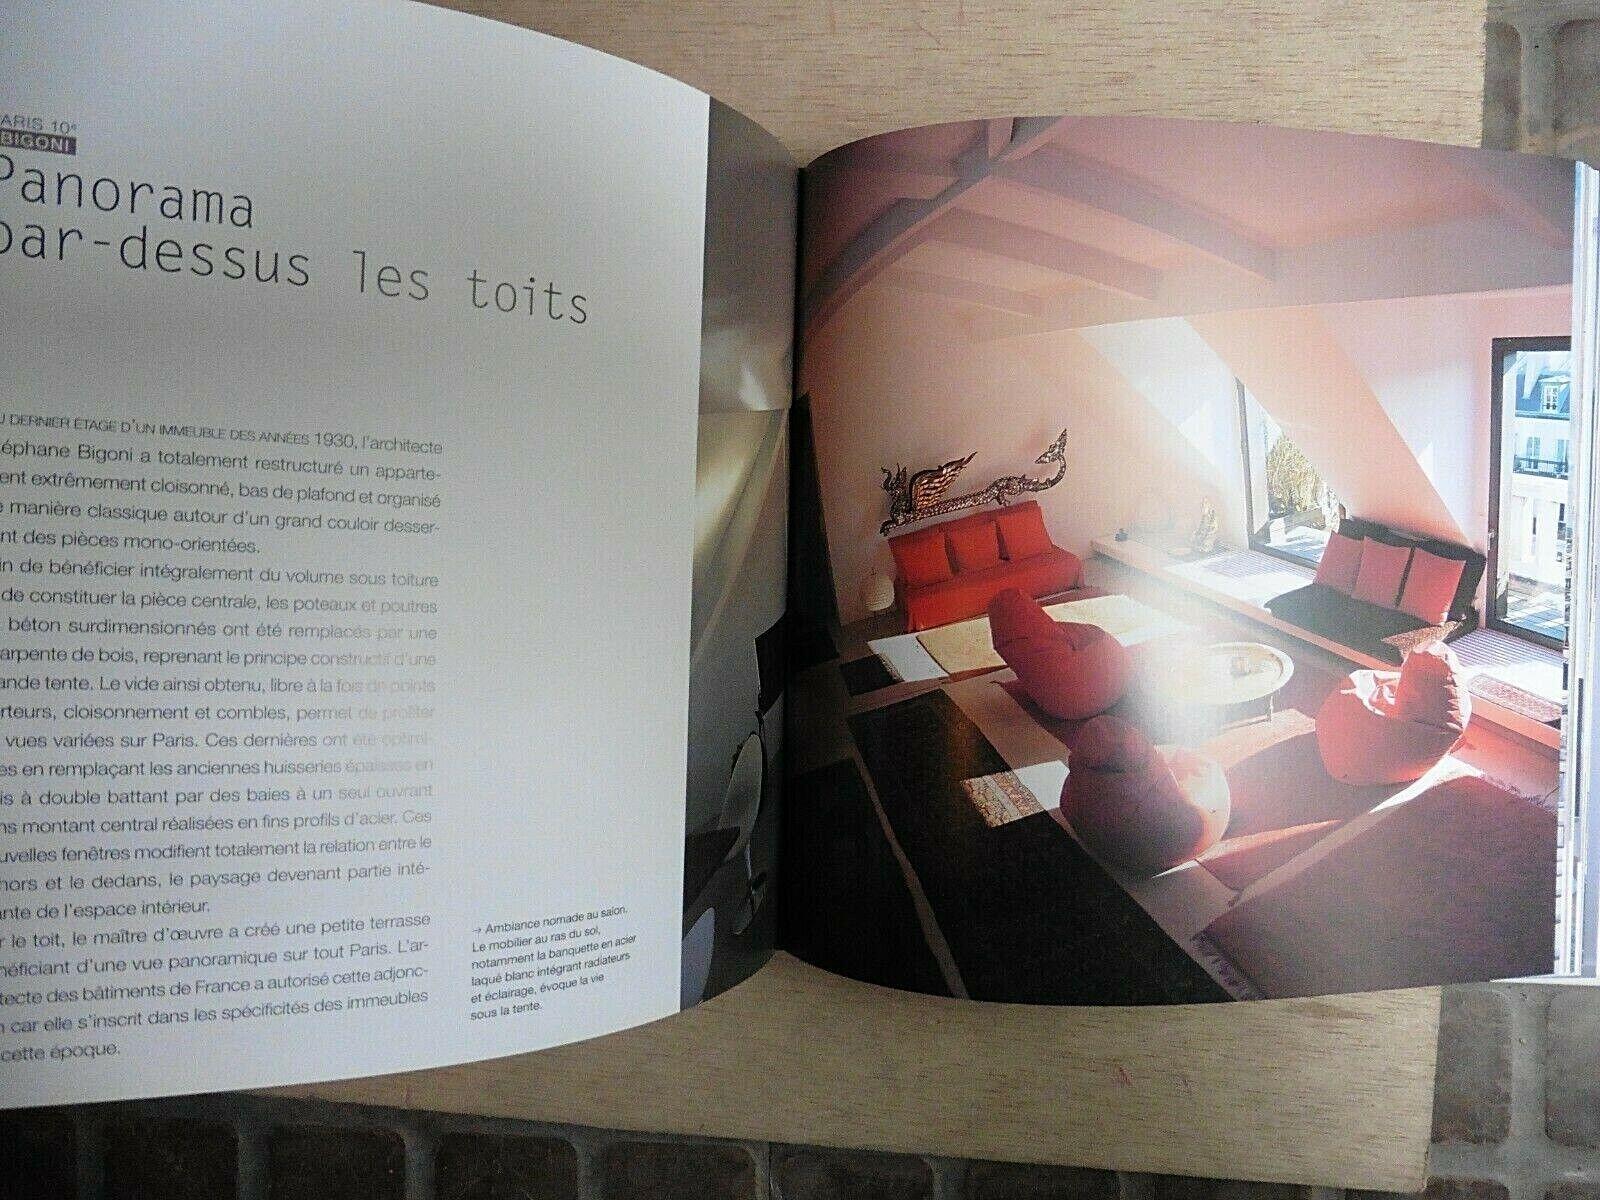 Appartements d'architectes a paris-comme neuf-ed parisgramme